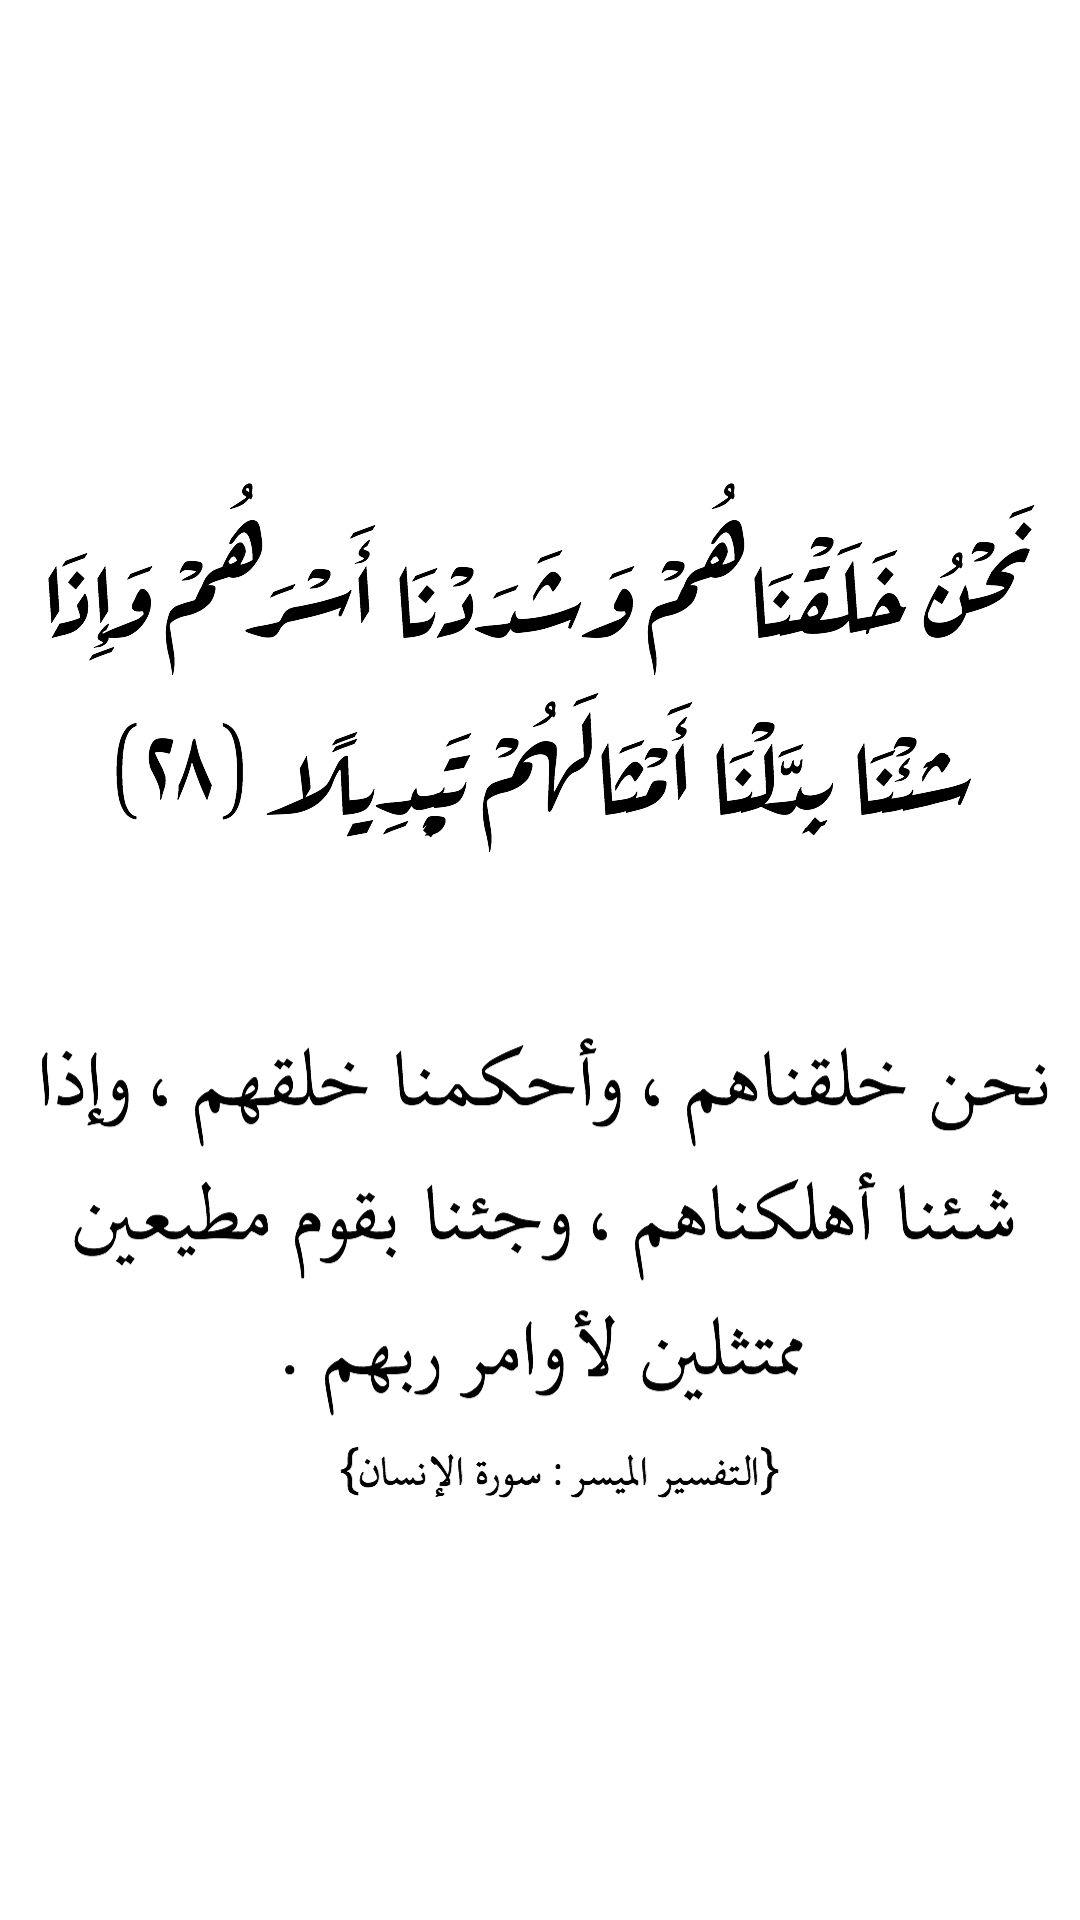 نحن خلقناهم وأحكمنا خلقهم وإذا شئنا أهلكناهم وجئنا بقوم مطيعين ممتثلين لأوامر ربهم Allah Islam Quran Islam